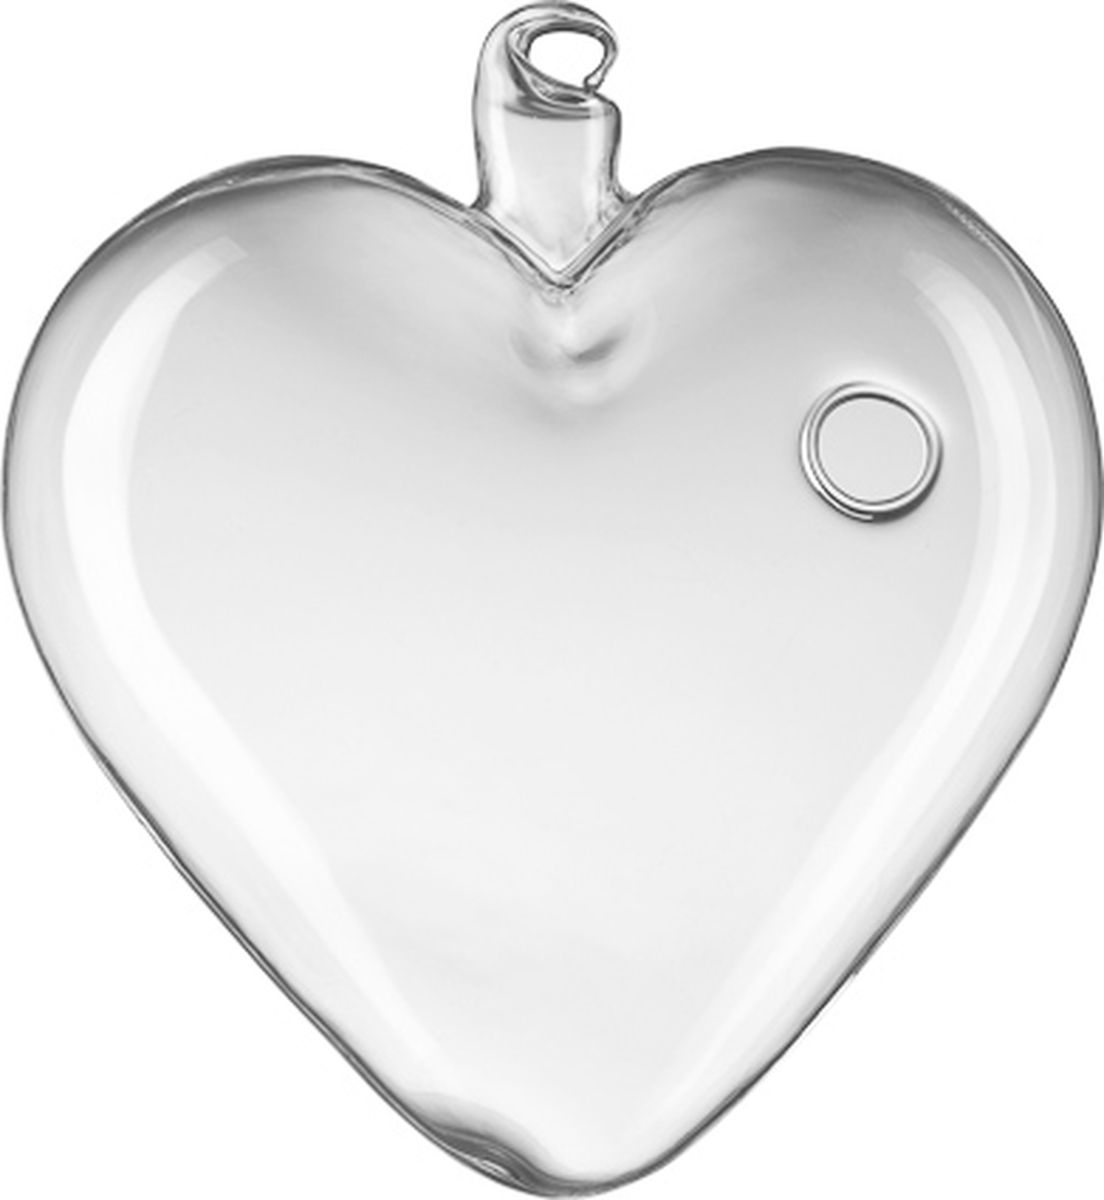 Декоративная подвесная ваза в виде сердца диаметром 10 см, выполненная из стекла. Станет прекрасным украшением для фотосессий, свадеб, сервировки.